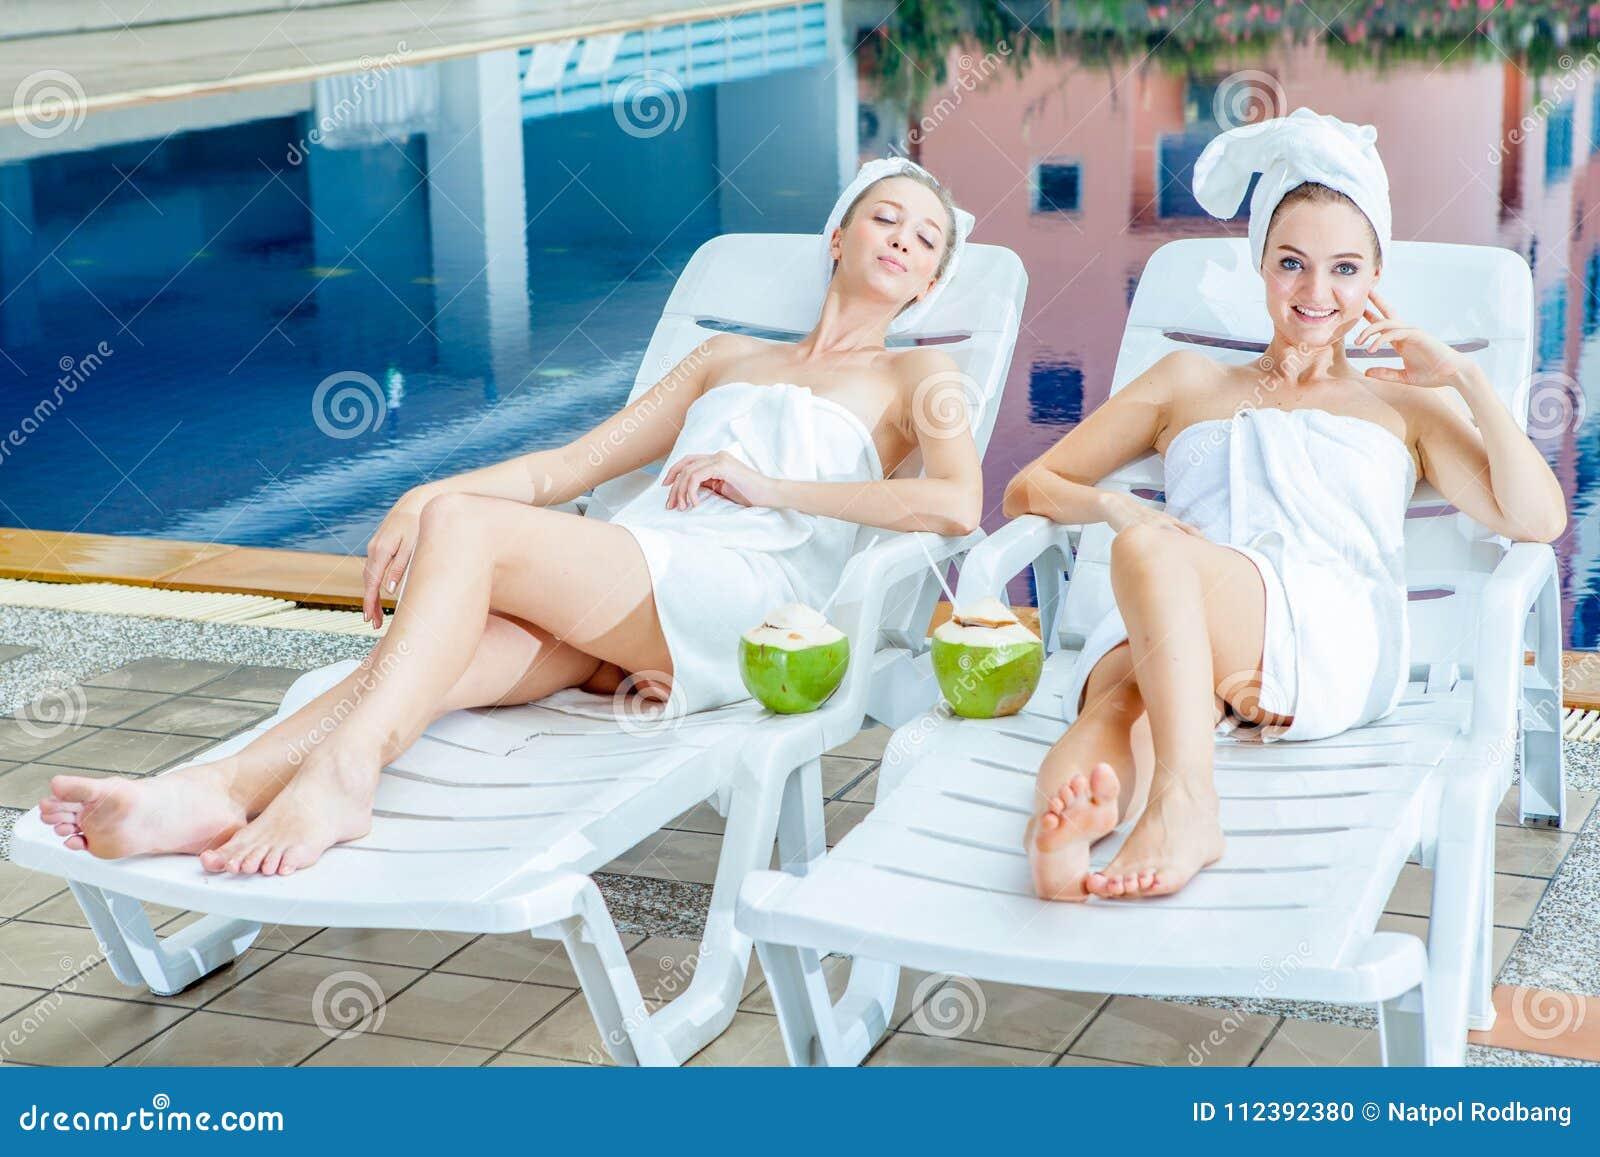 Rimorchi le belle giovani donne ha avvolto l 39 asciugamano bianco che si trova sul letto del sole - Foto di donne sul letto ...